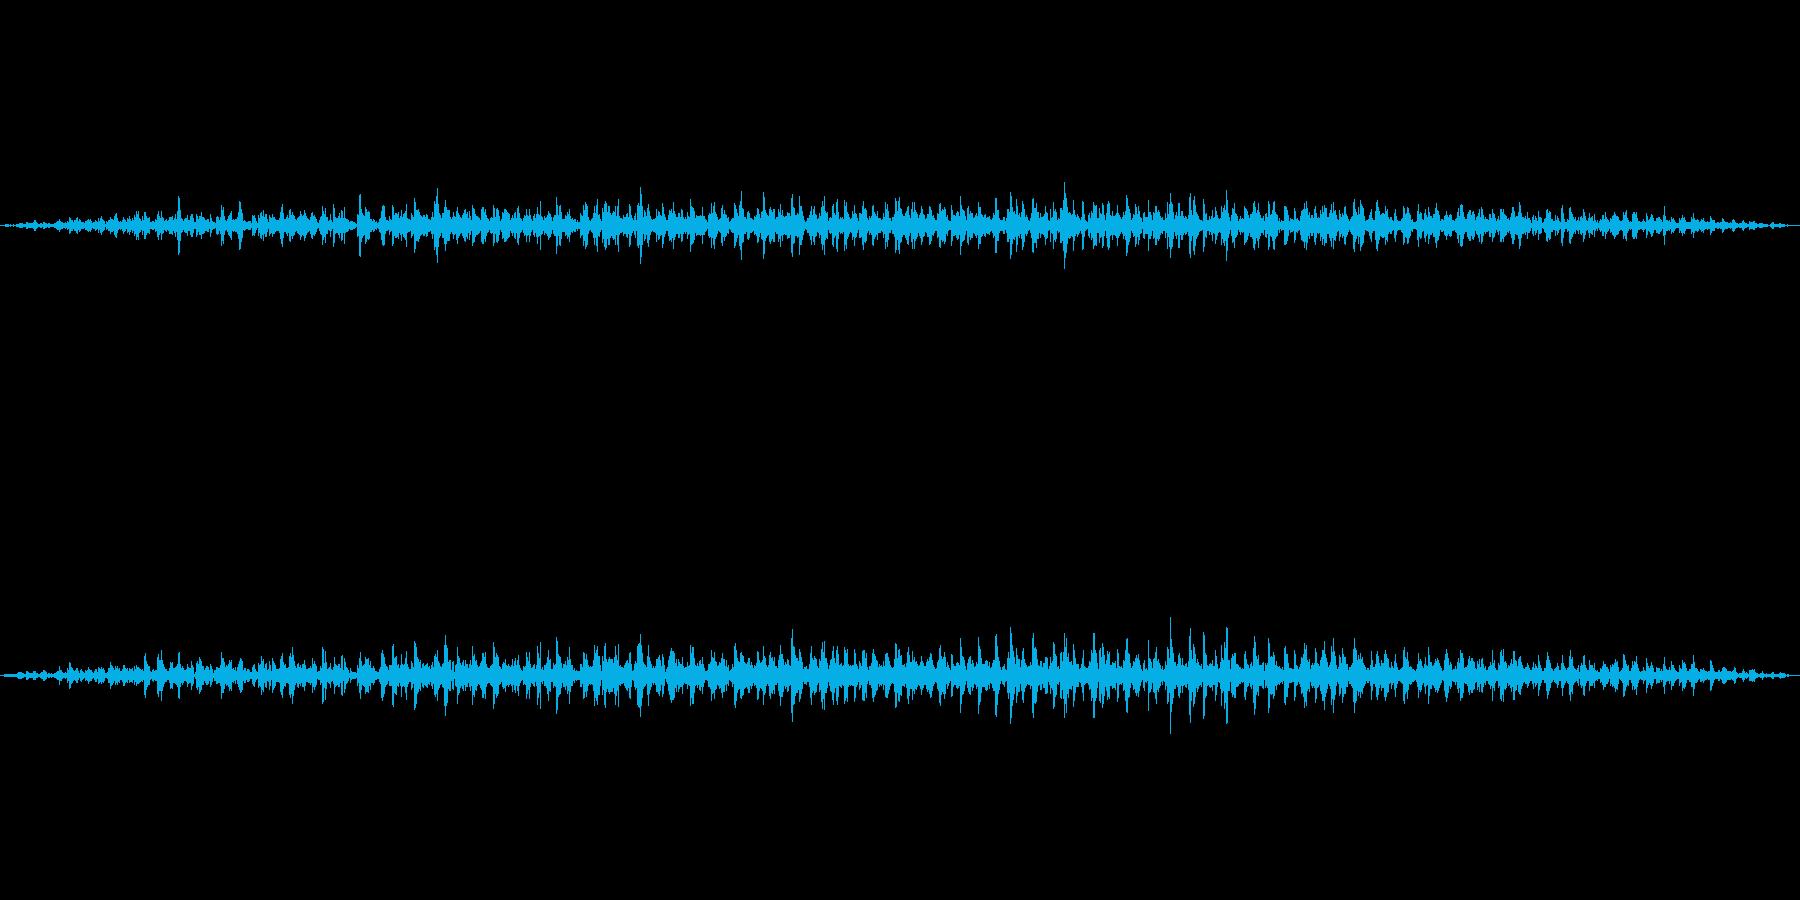 実験室 薬品製作 ブクブク ボコボコの再生済みの波形